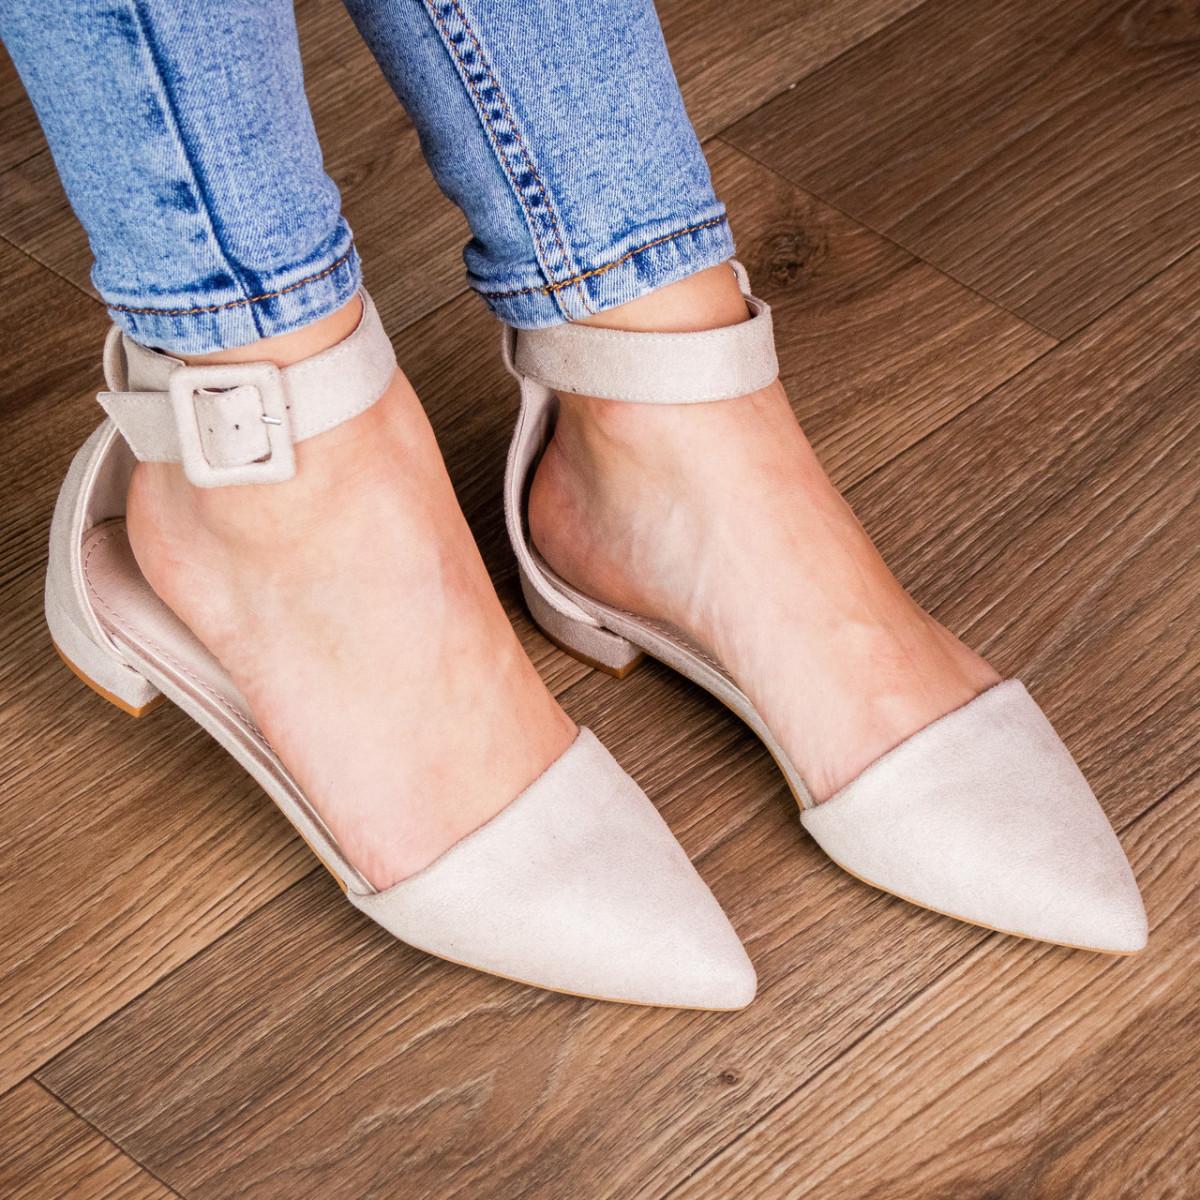 Туфлі жіночі Fashion Zeke 2438 36 розмір, 23,5 см Бежевий